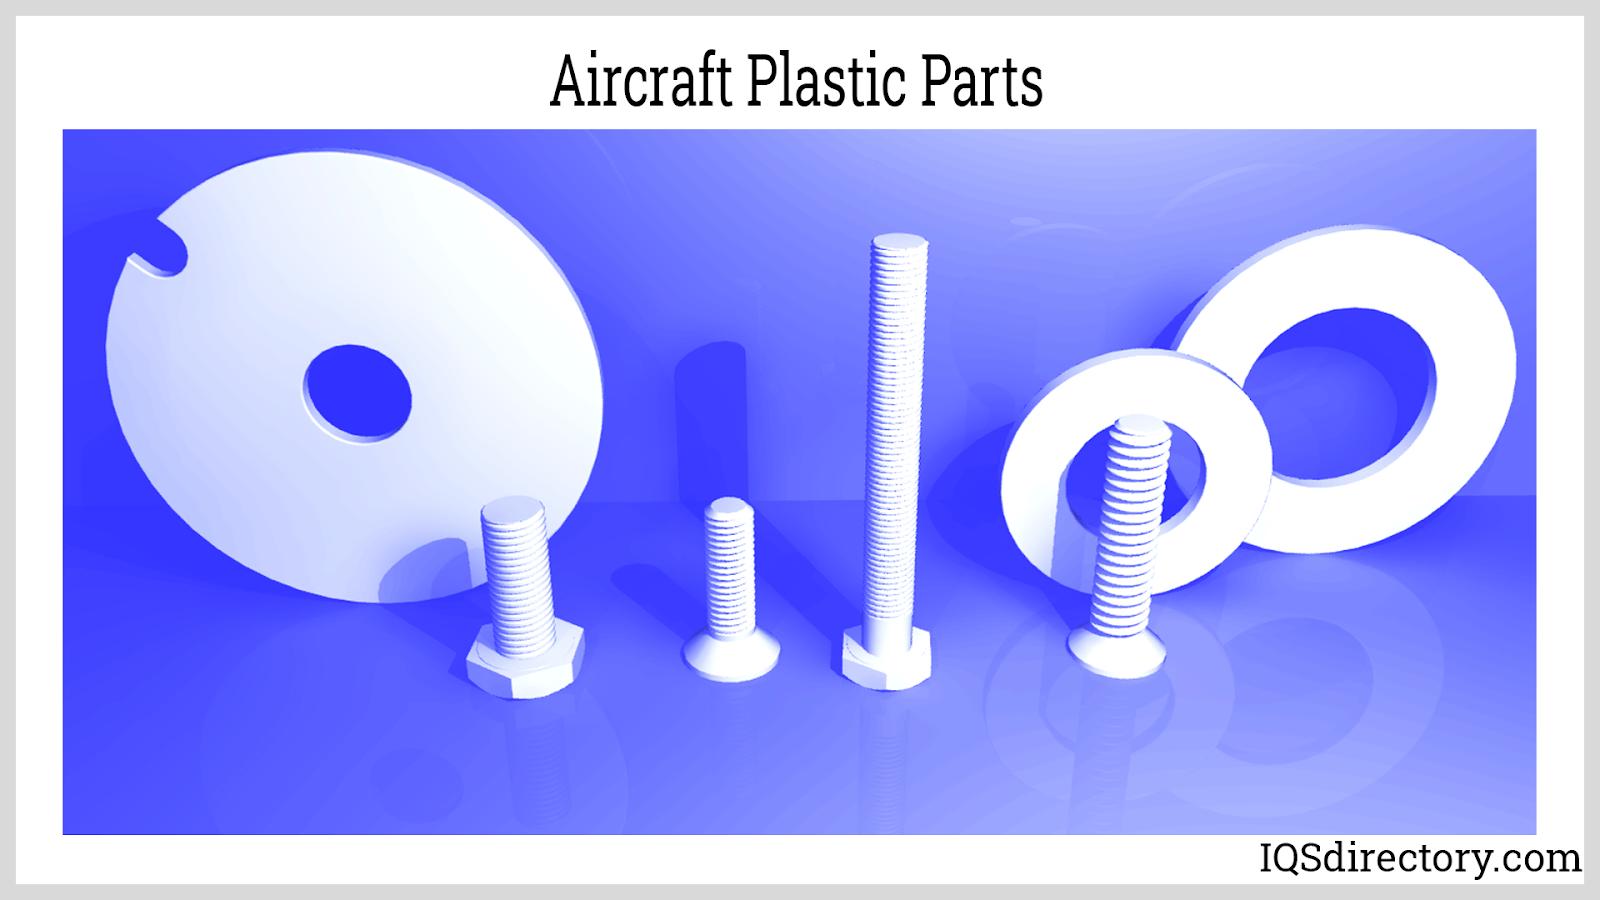 Aircraft Plastic Parts